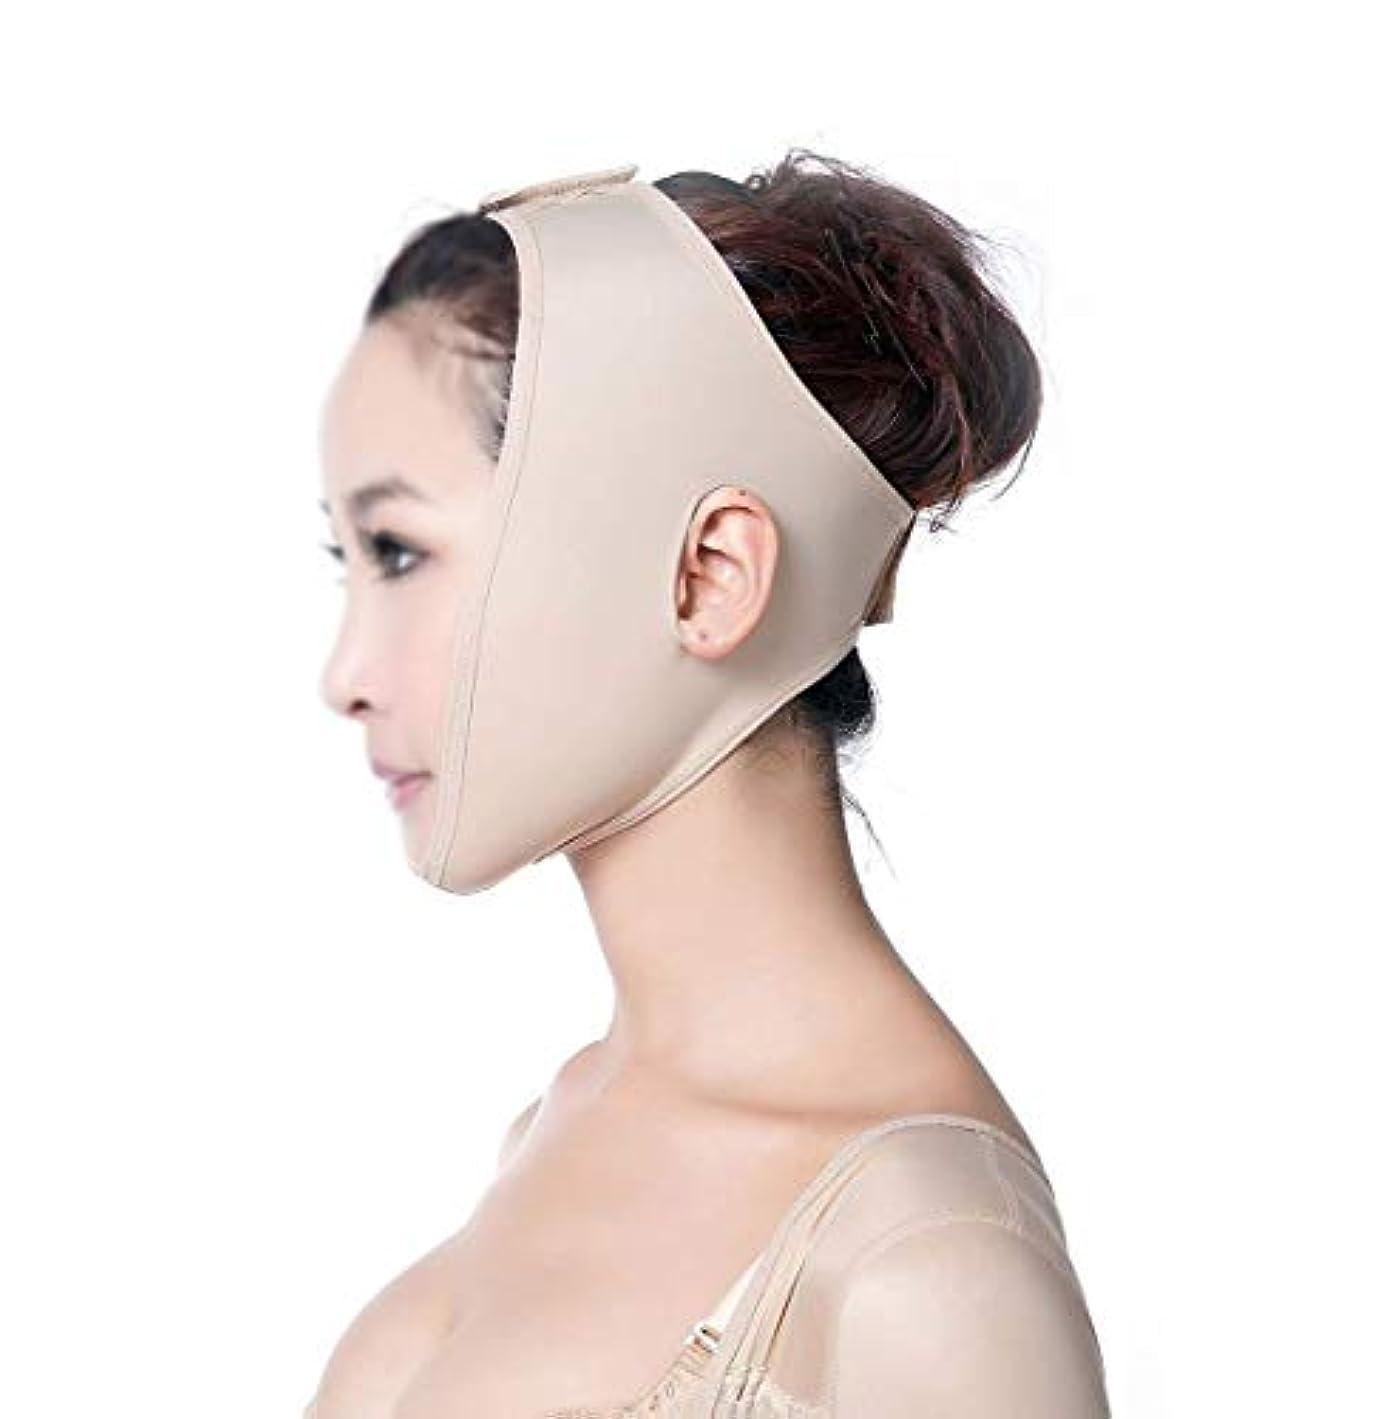 路地コークスファンタジーフェイスリフトマスクフェイスアンドネックリフトポストエラスティックスリーブ下顎骨セットフェイスアーティファクトVフェイスフェイシャルフェイスバンドルダブルチンマスク(サイズ:L)